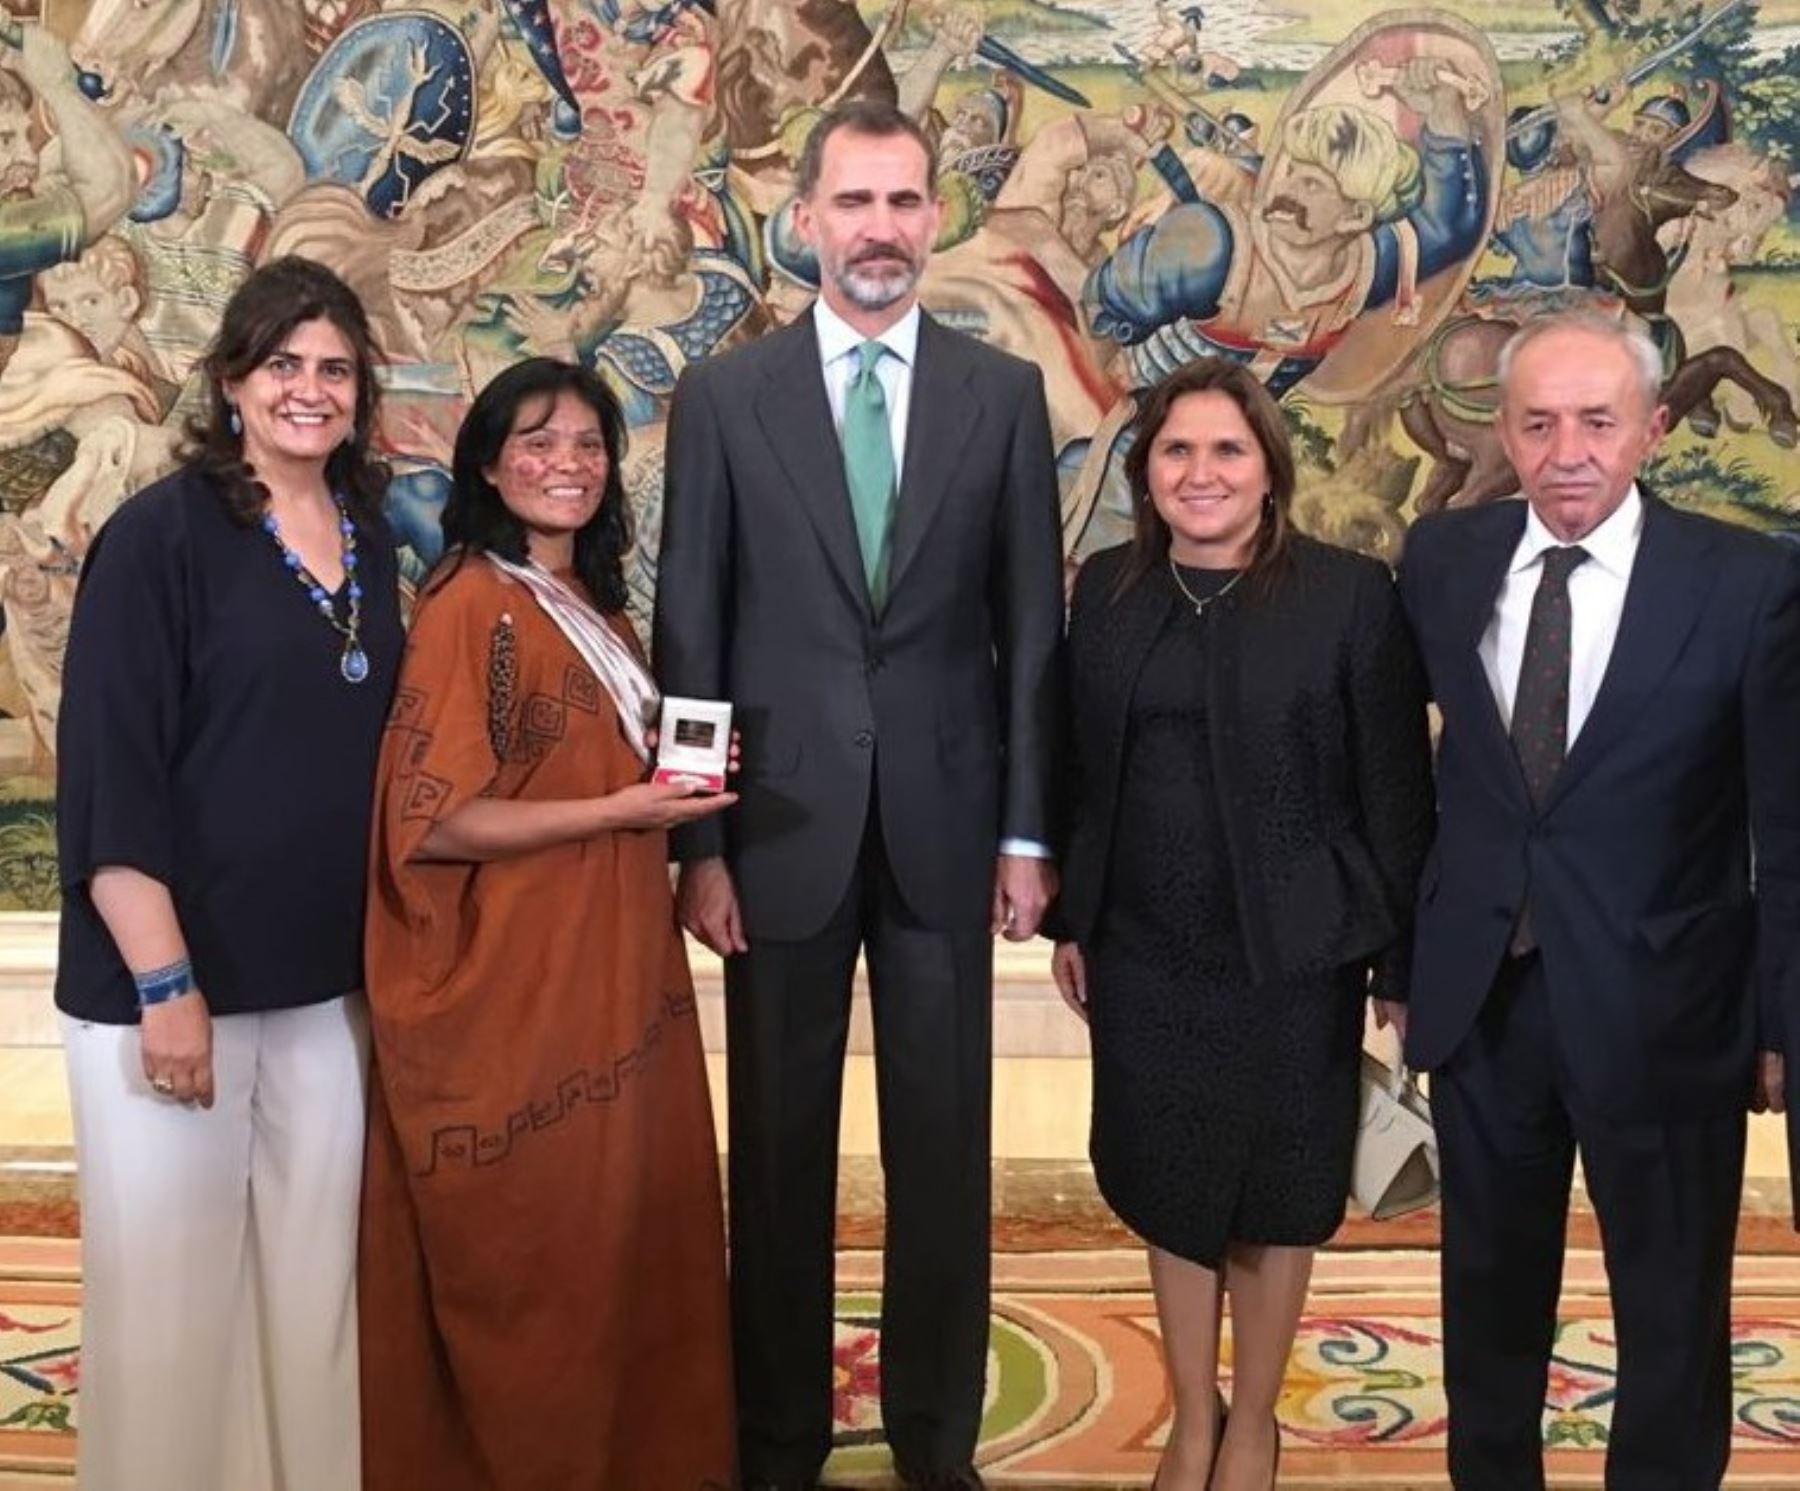 En reconocimiento a su larga trayectoria en defensa del medio ambiente, y por su contribución al desarrollo humano y sostenible, la líder indígena asháninka peruana, Ruth Buendía, fue distinguida con el Premio Bartolomé de las Casas 2016, que otorga el Gobierno de España.